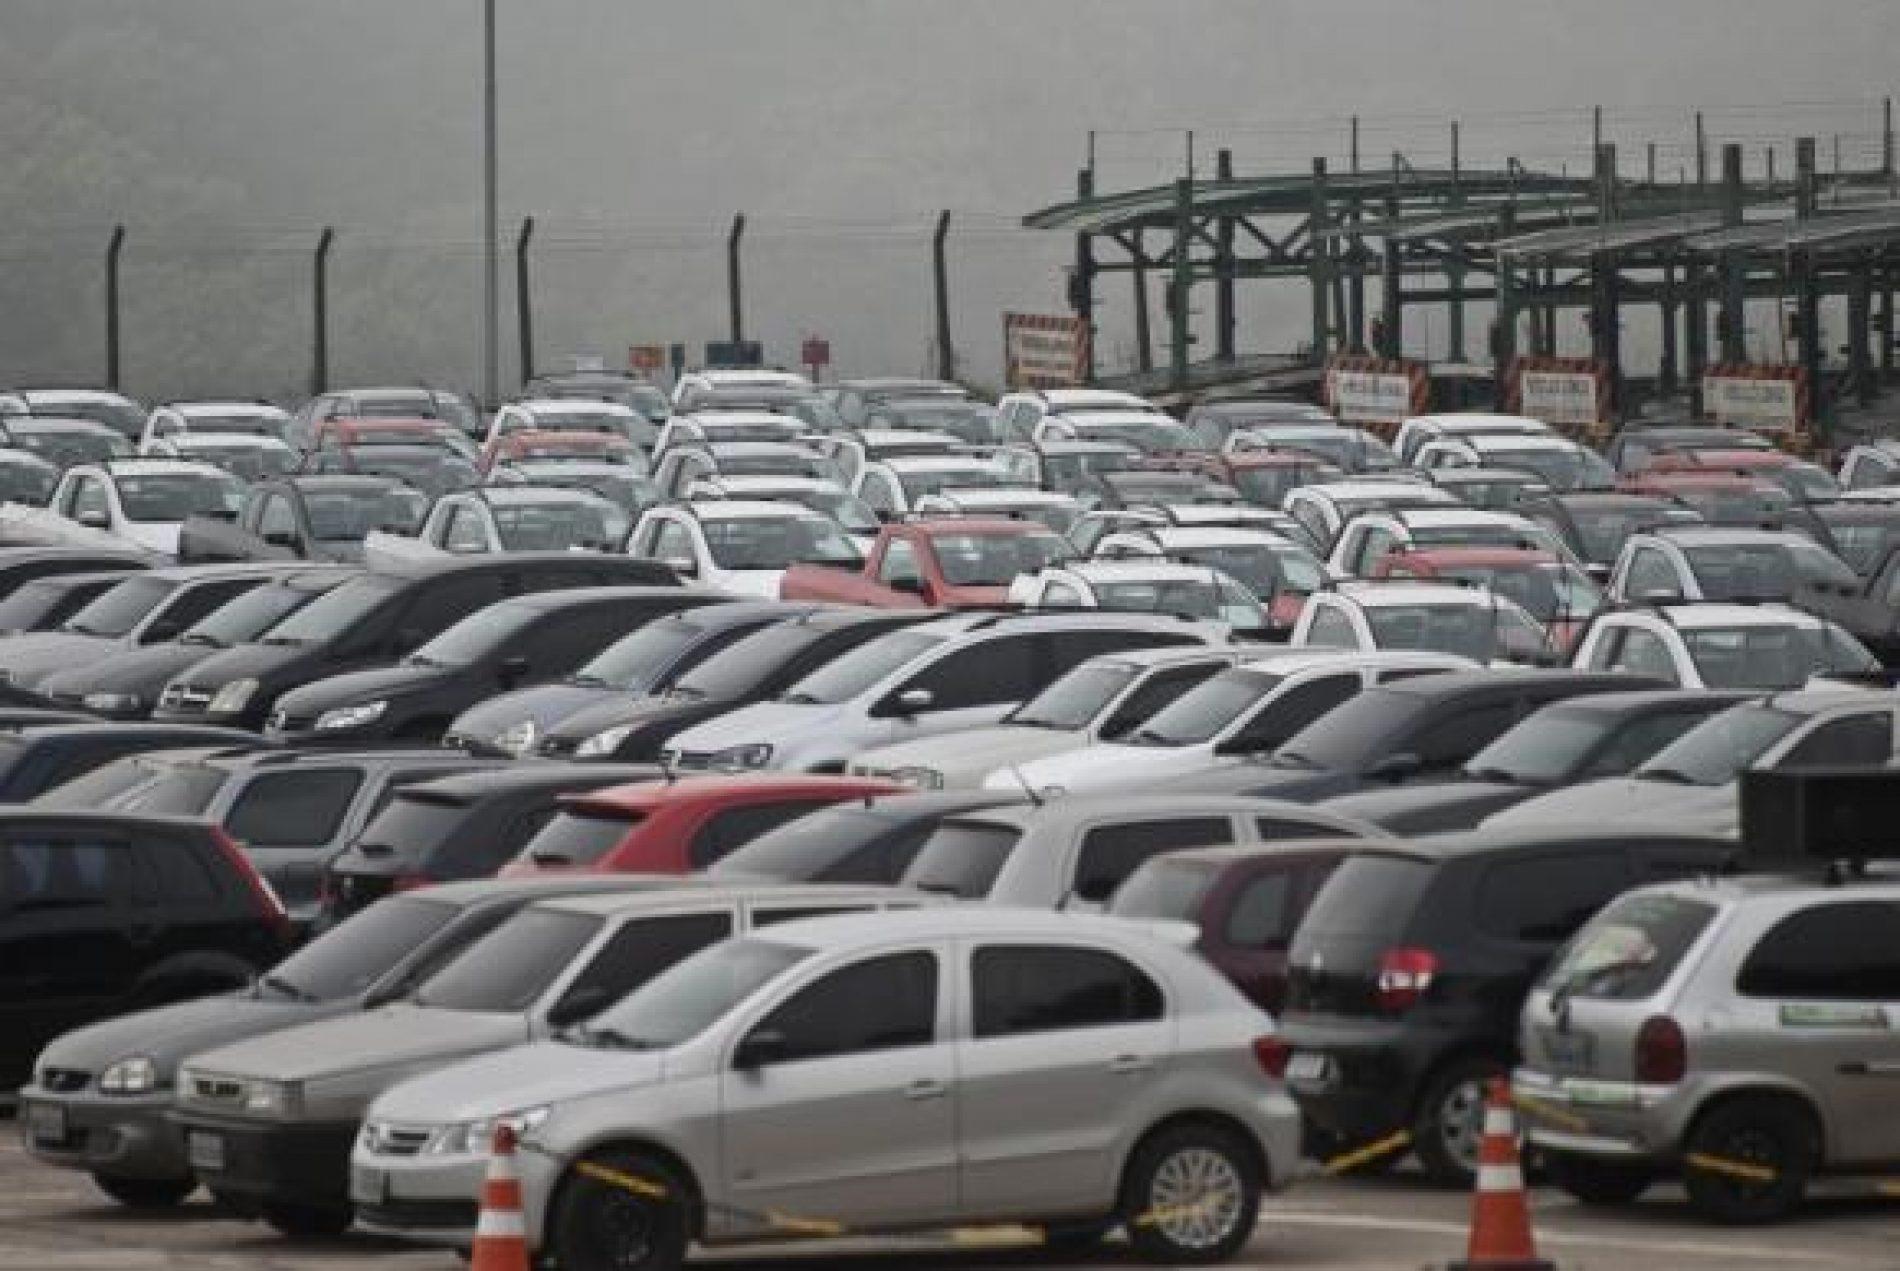 Venda de veículos novos cresce 13,1% em novembro, diz Fenabrave